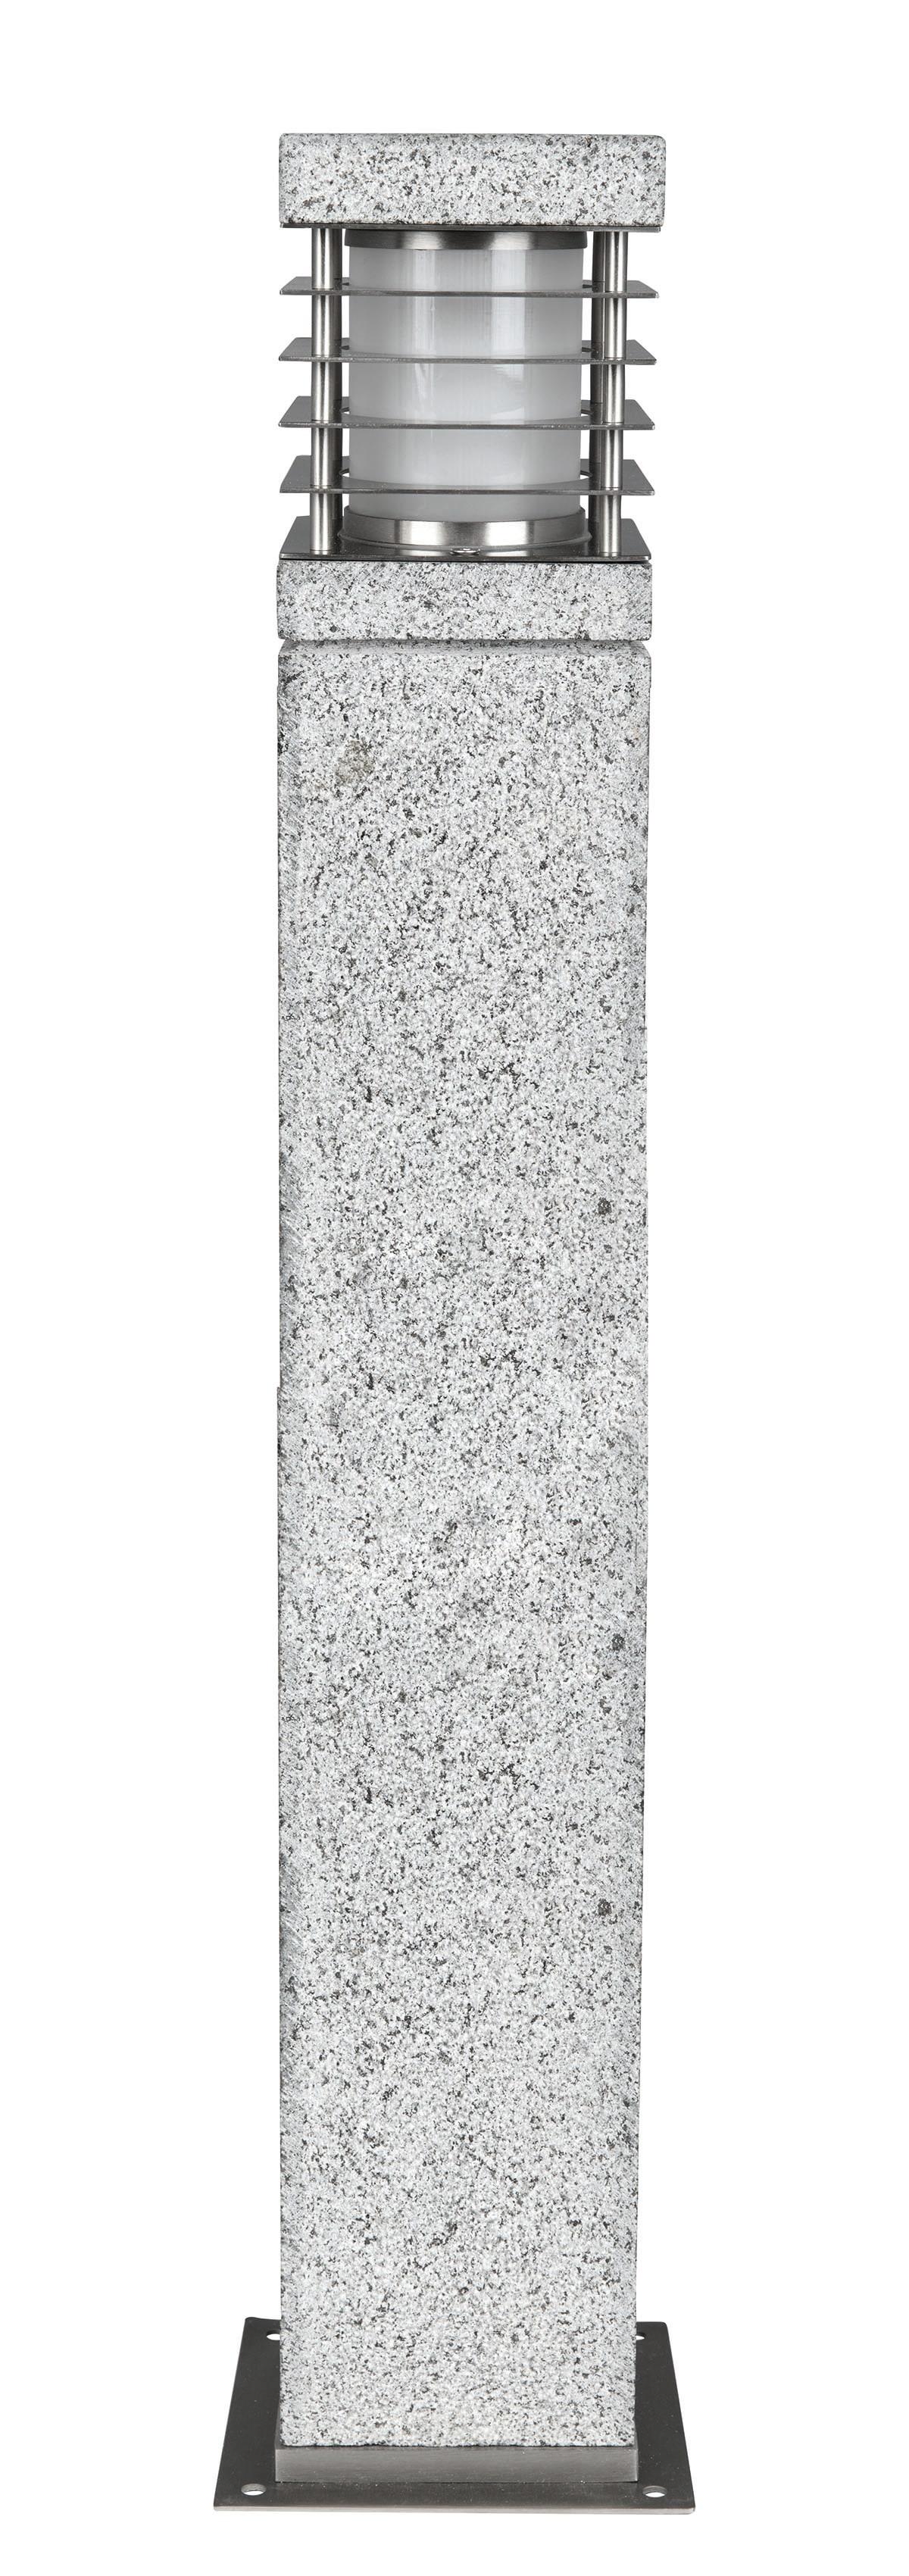 HEITRONIC Sockelleuchte Lar Mer, E27, 1 St., Seewaserbeständiges Gehäuse aus echtem Granit